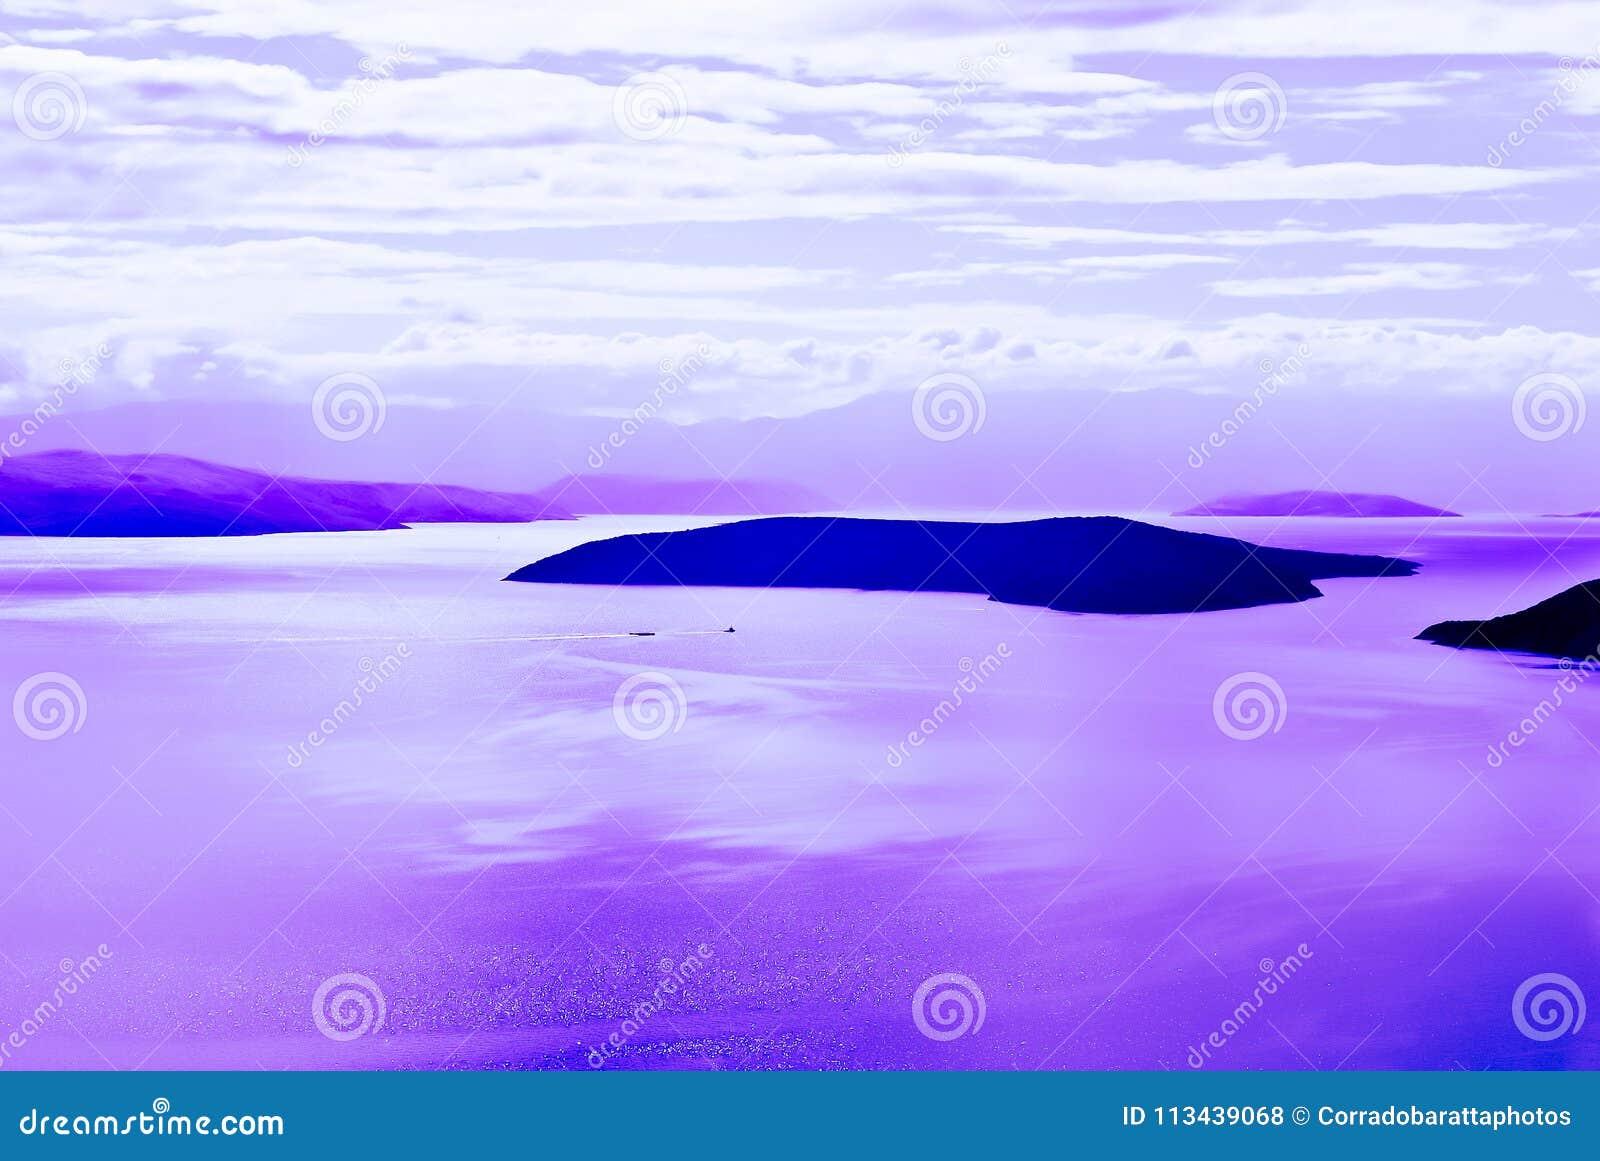 Islas con un mar con reflexiones púrpuras